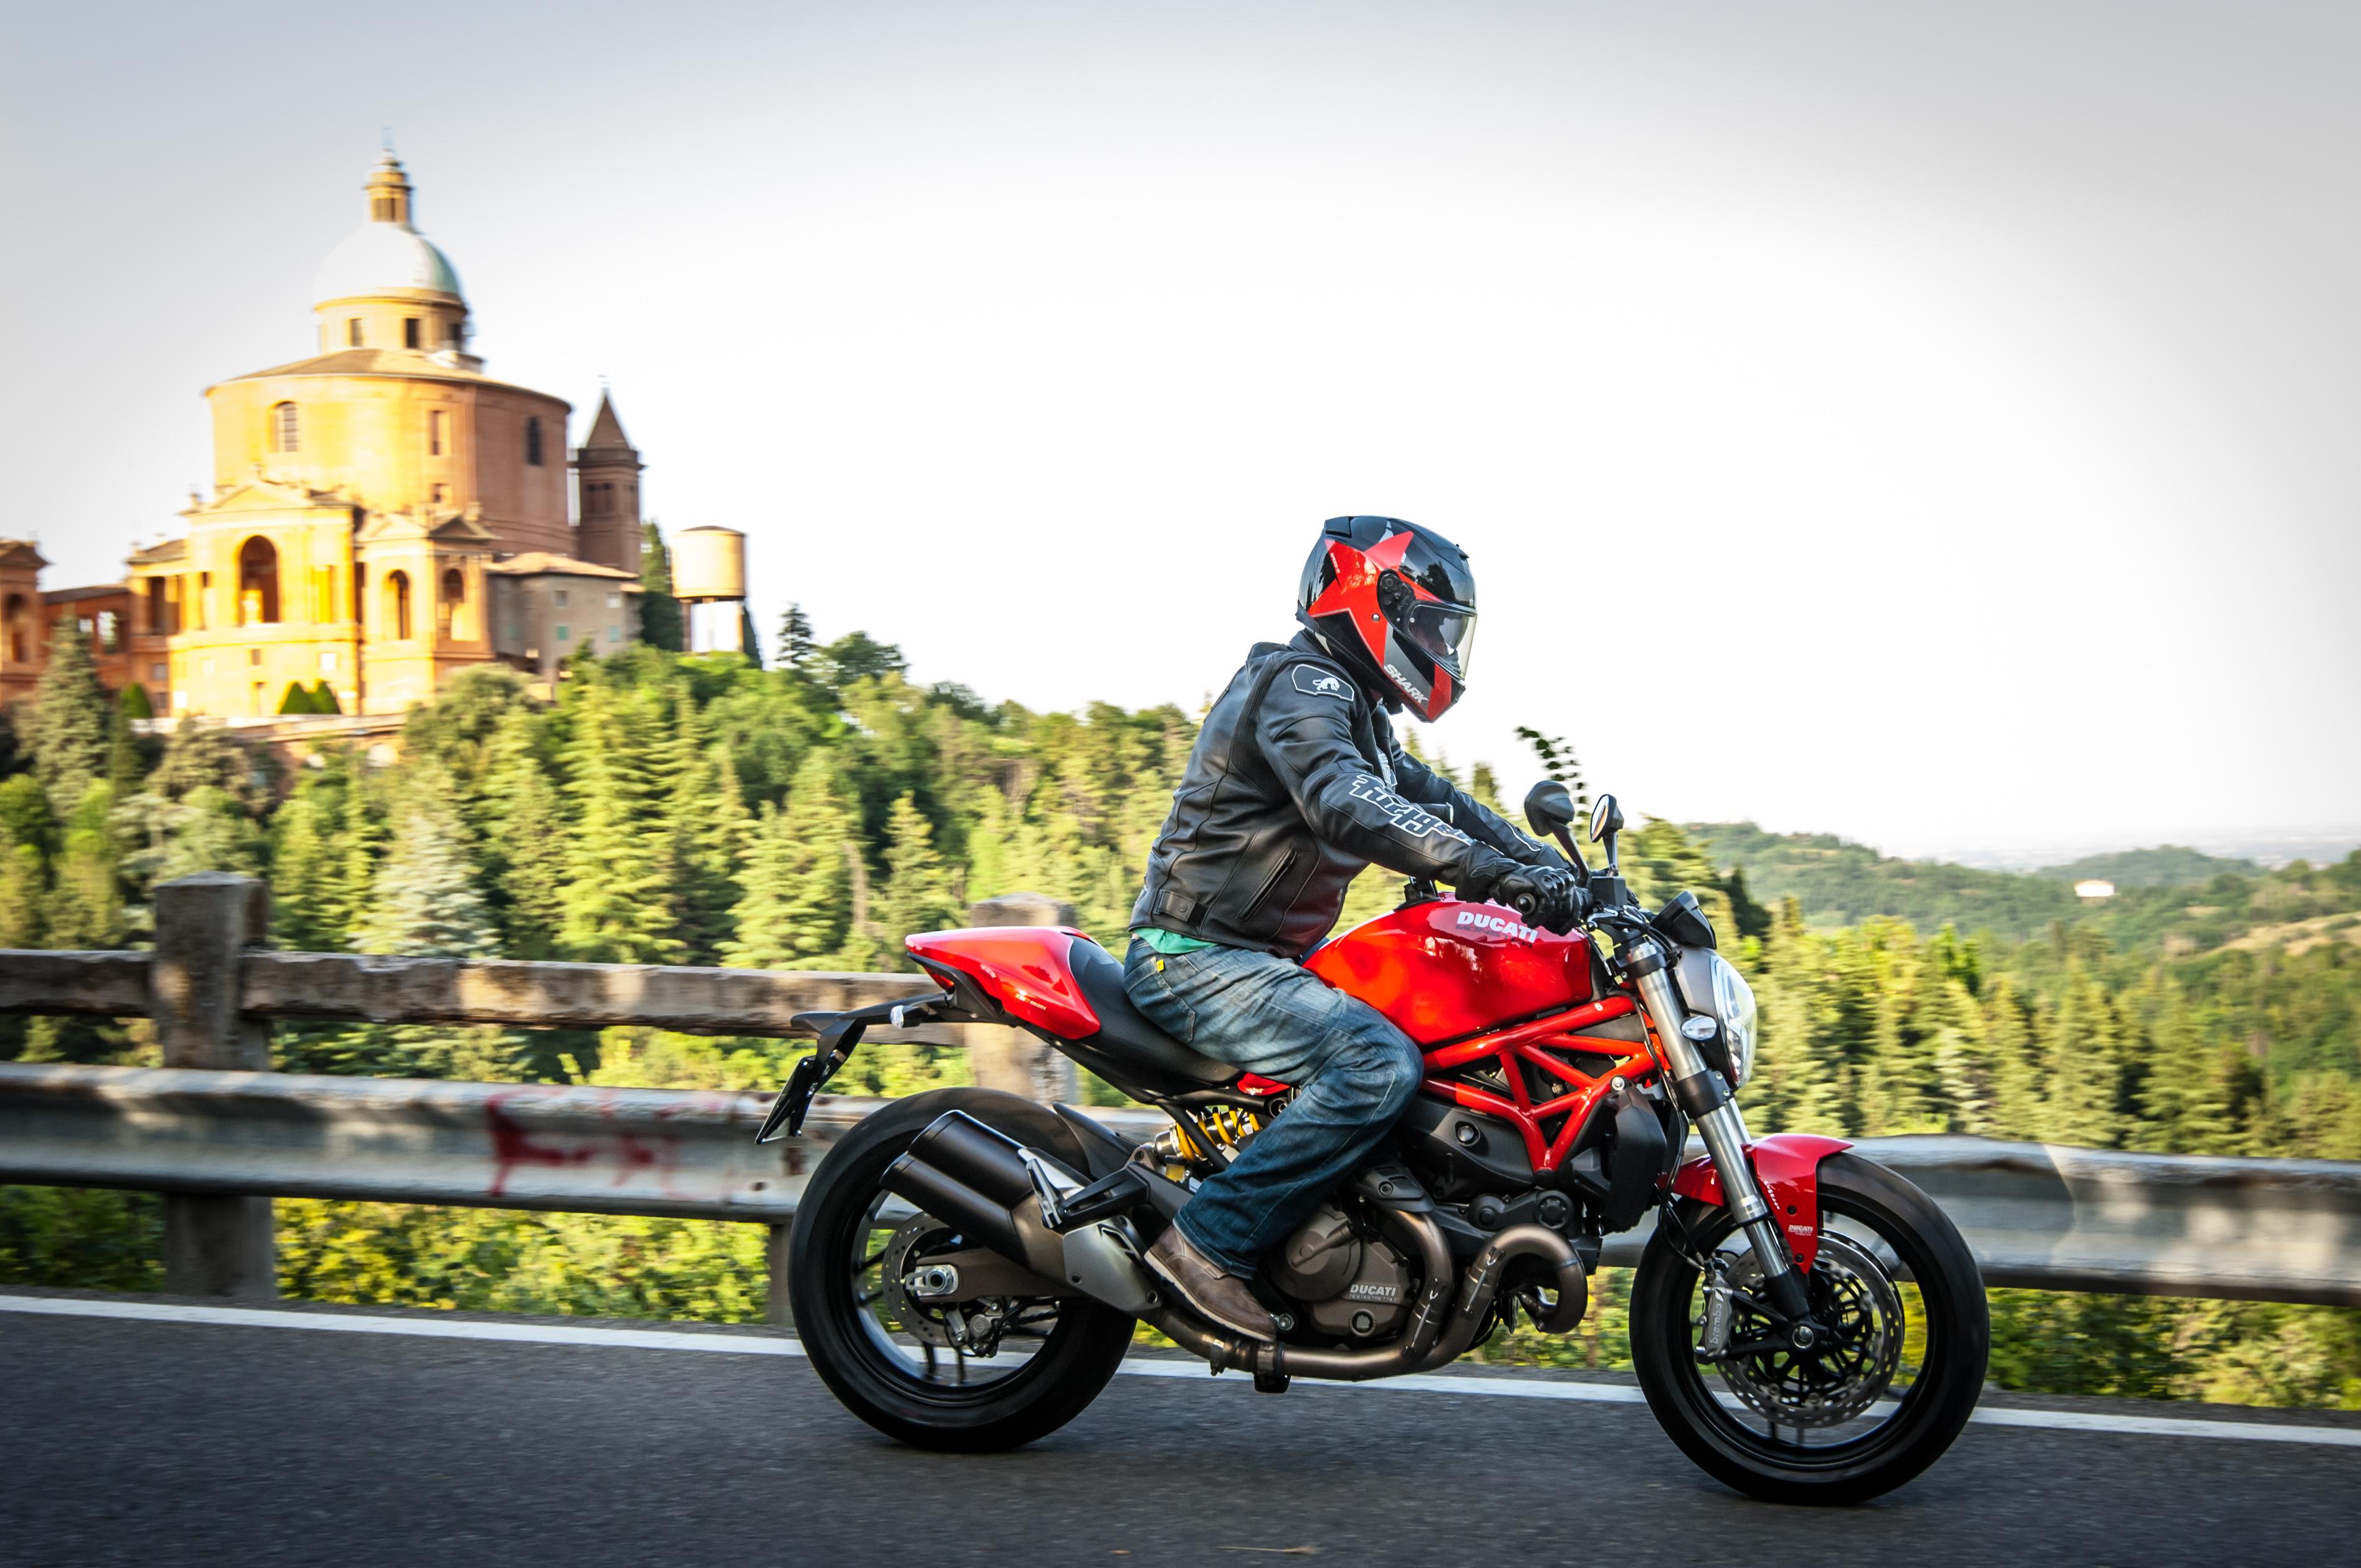 Bikes Like Ducati Monster